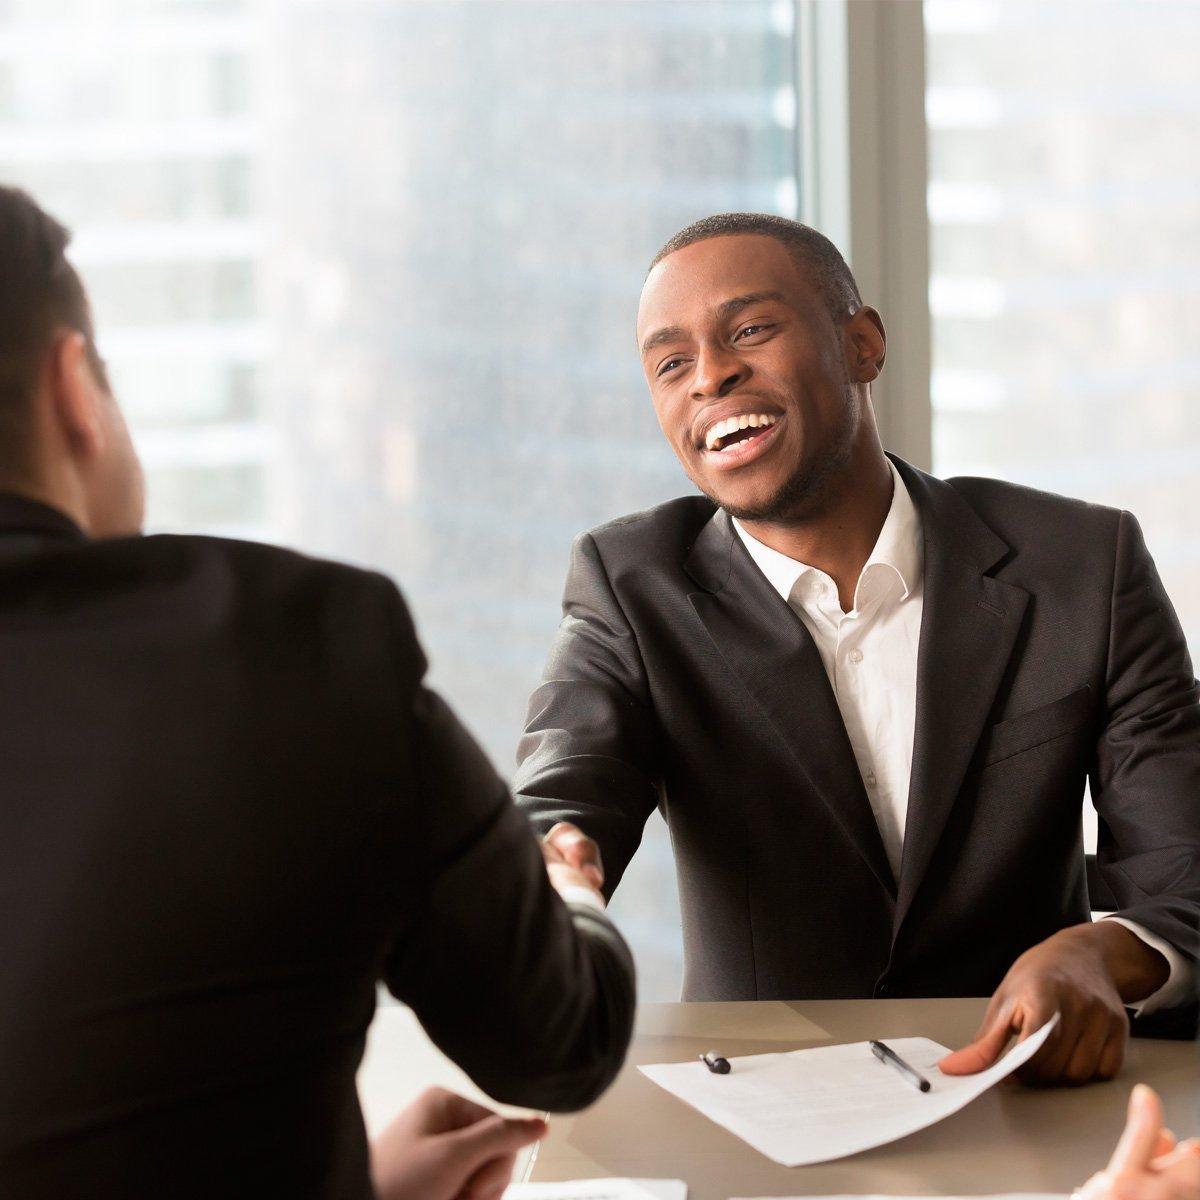 Mediação Empresarial: da teoria a prática  - PUC Minas